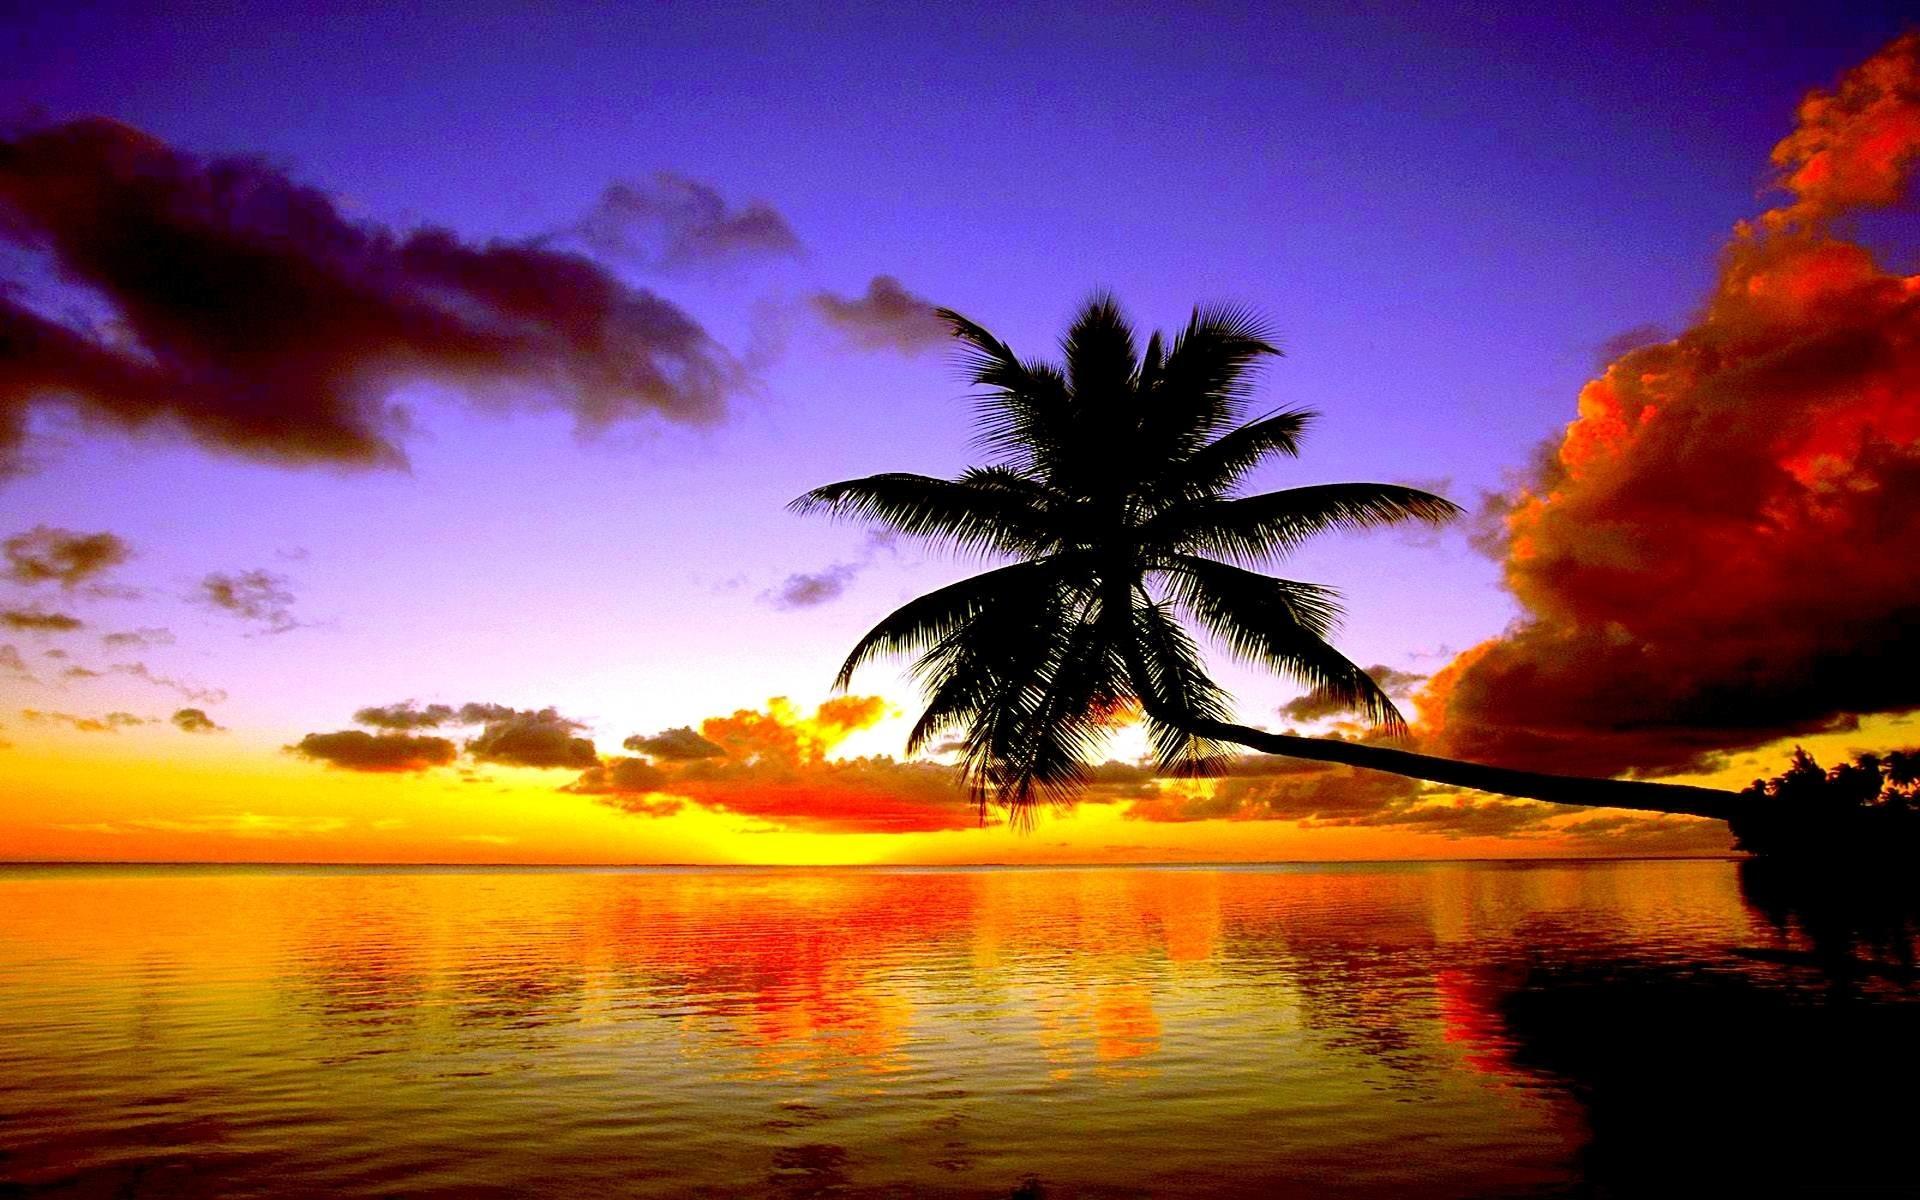 Tropical Beach Sunset – Wallpaper HD